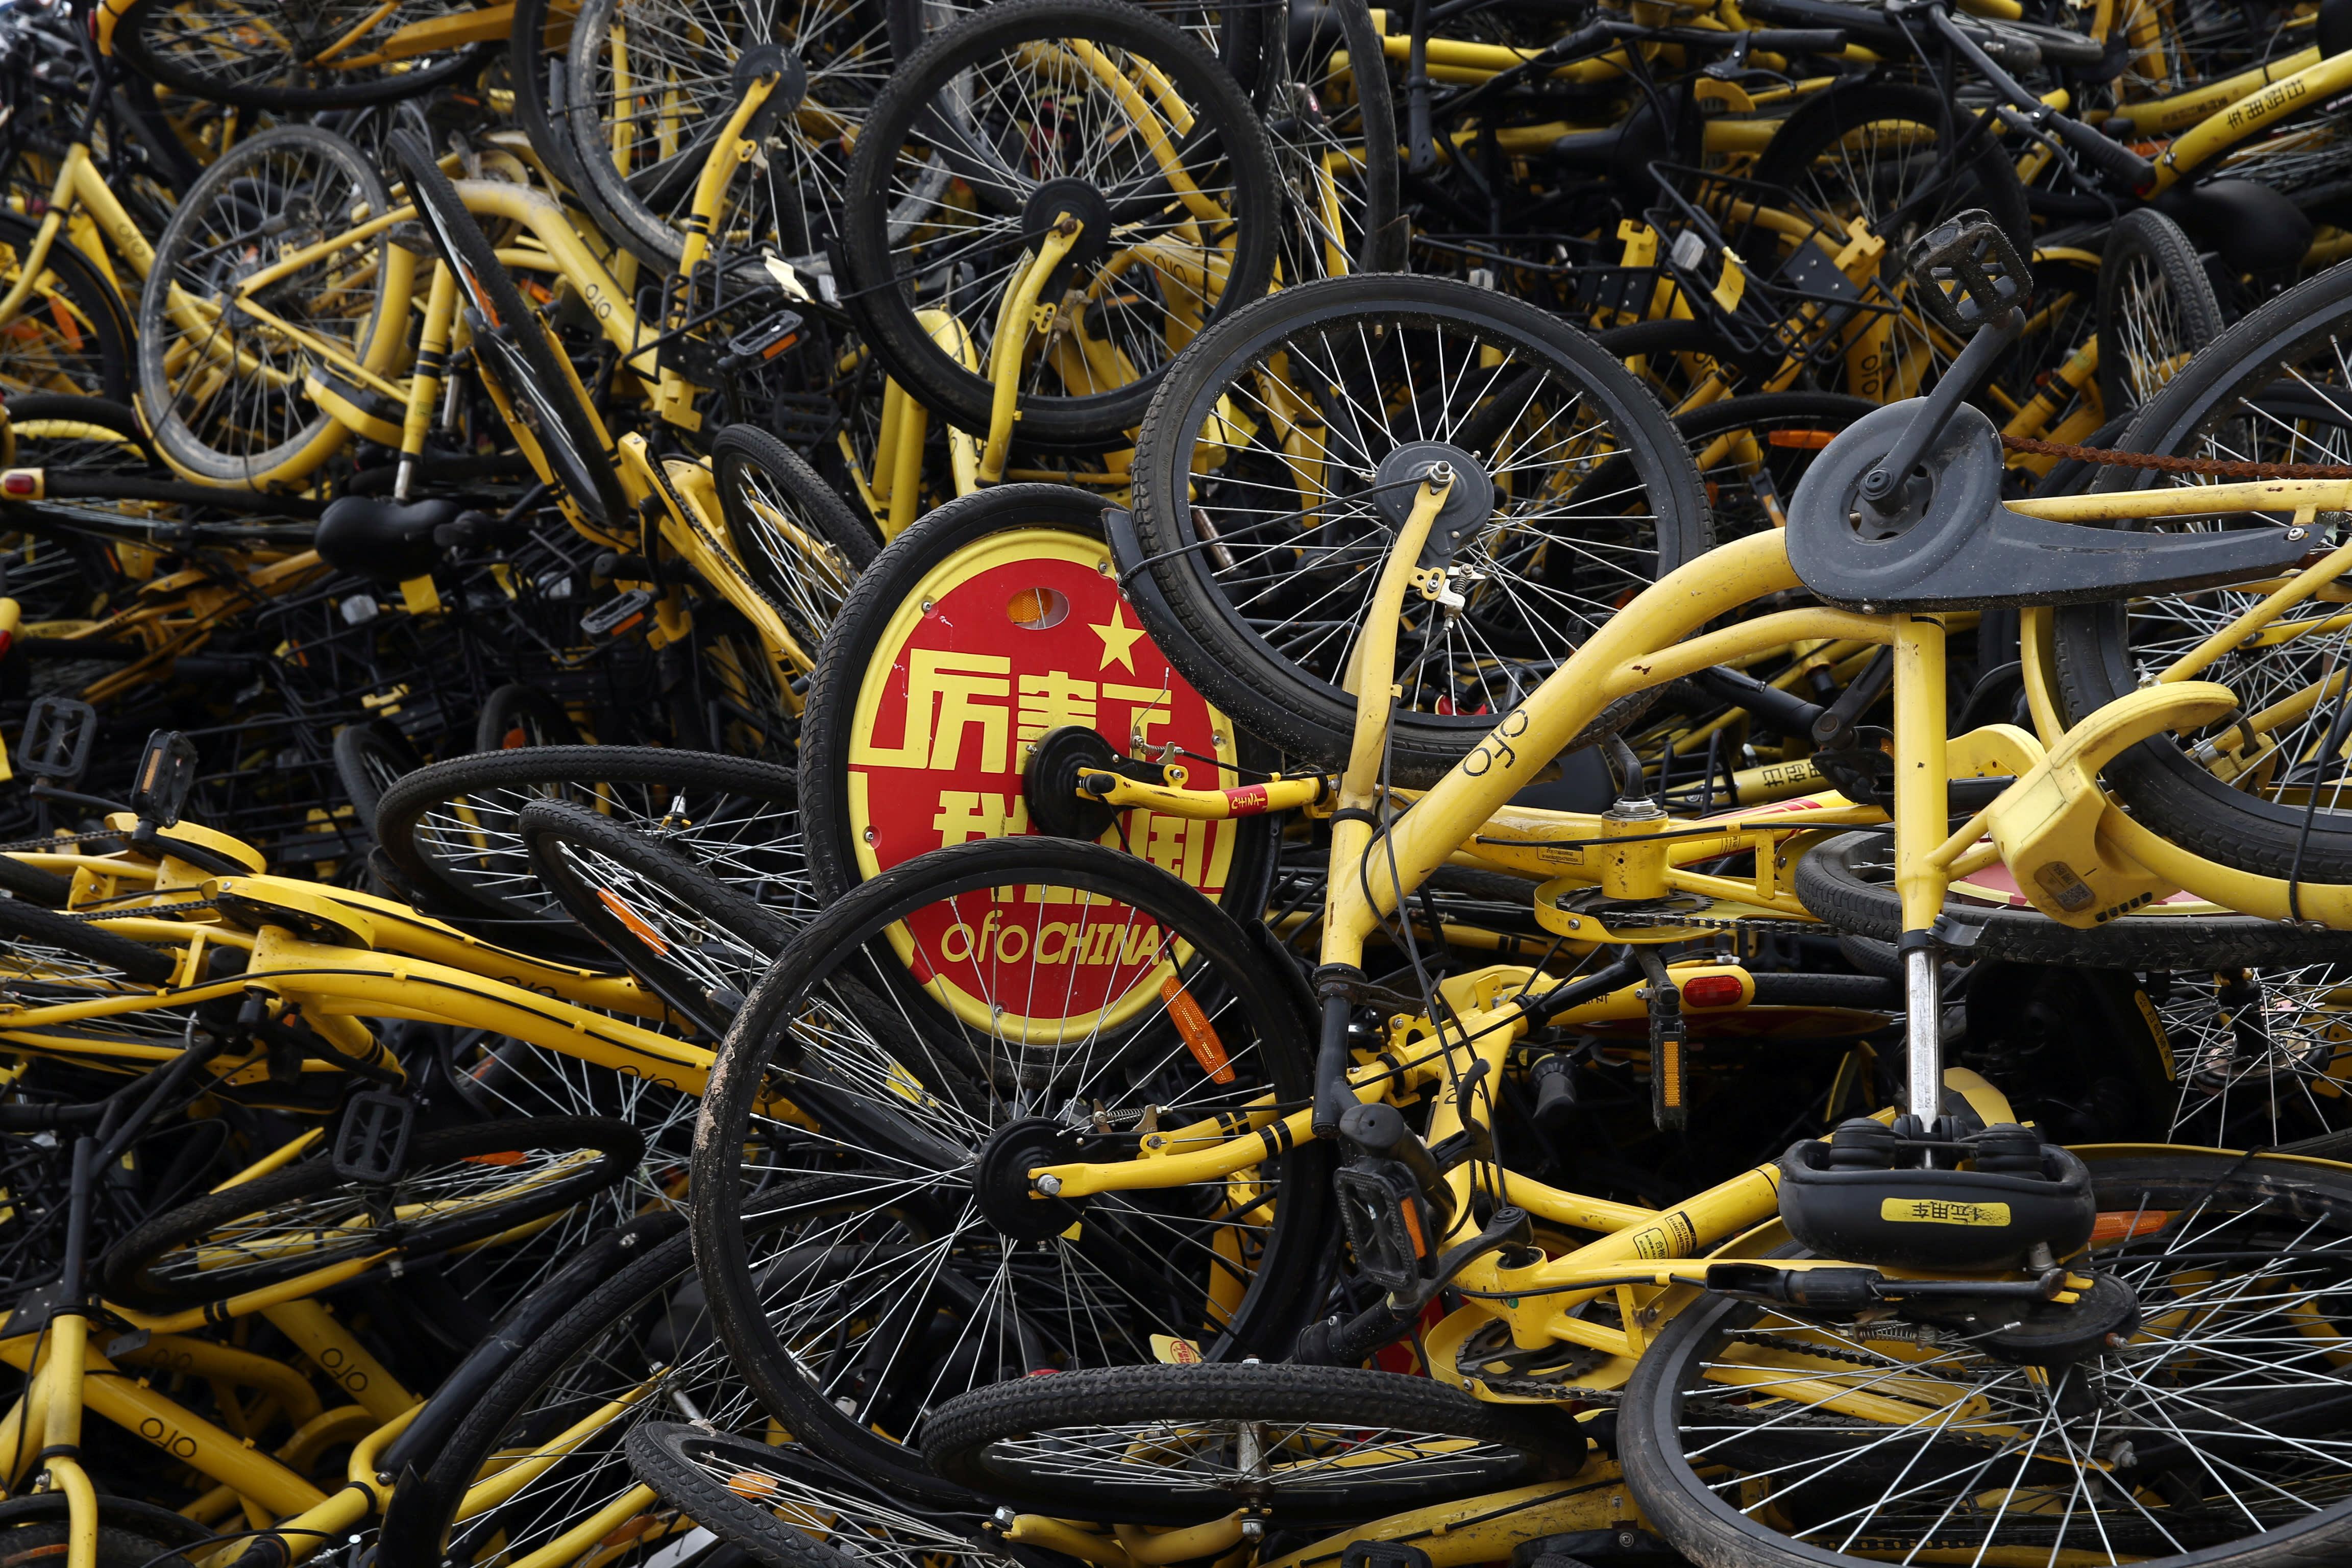 Bắc Kinh loại bỏ 400.000 xe đạp 'chia sẻ' trong nửa đầu năm